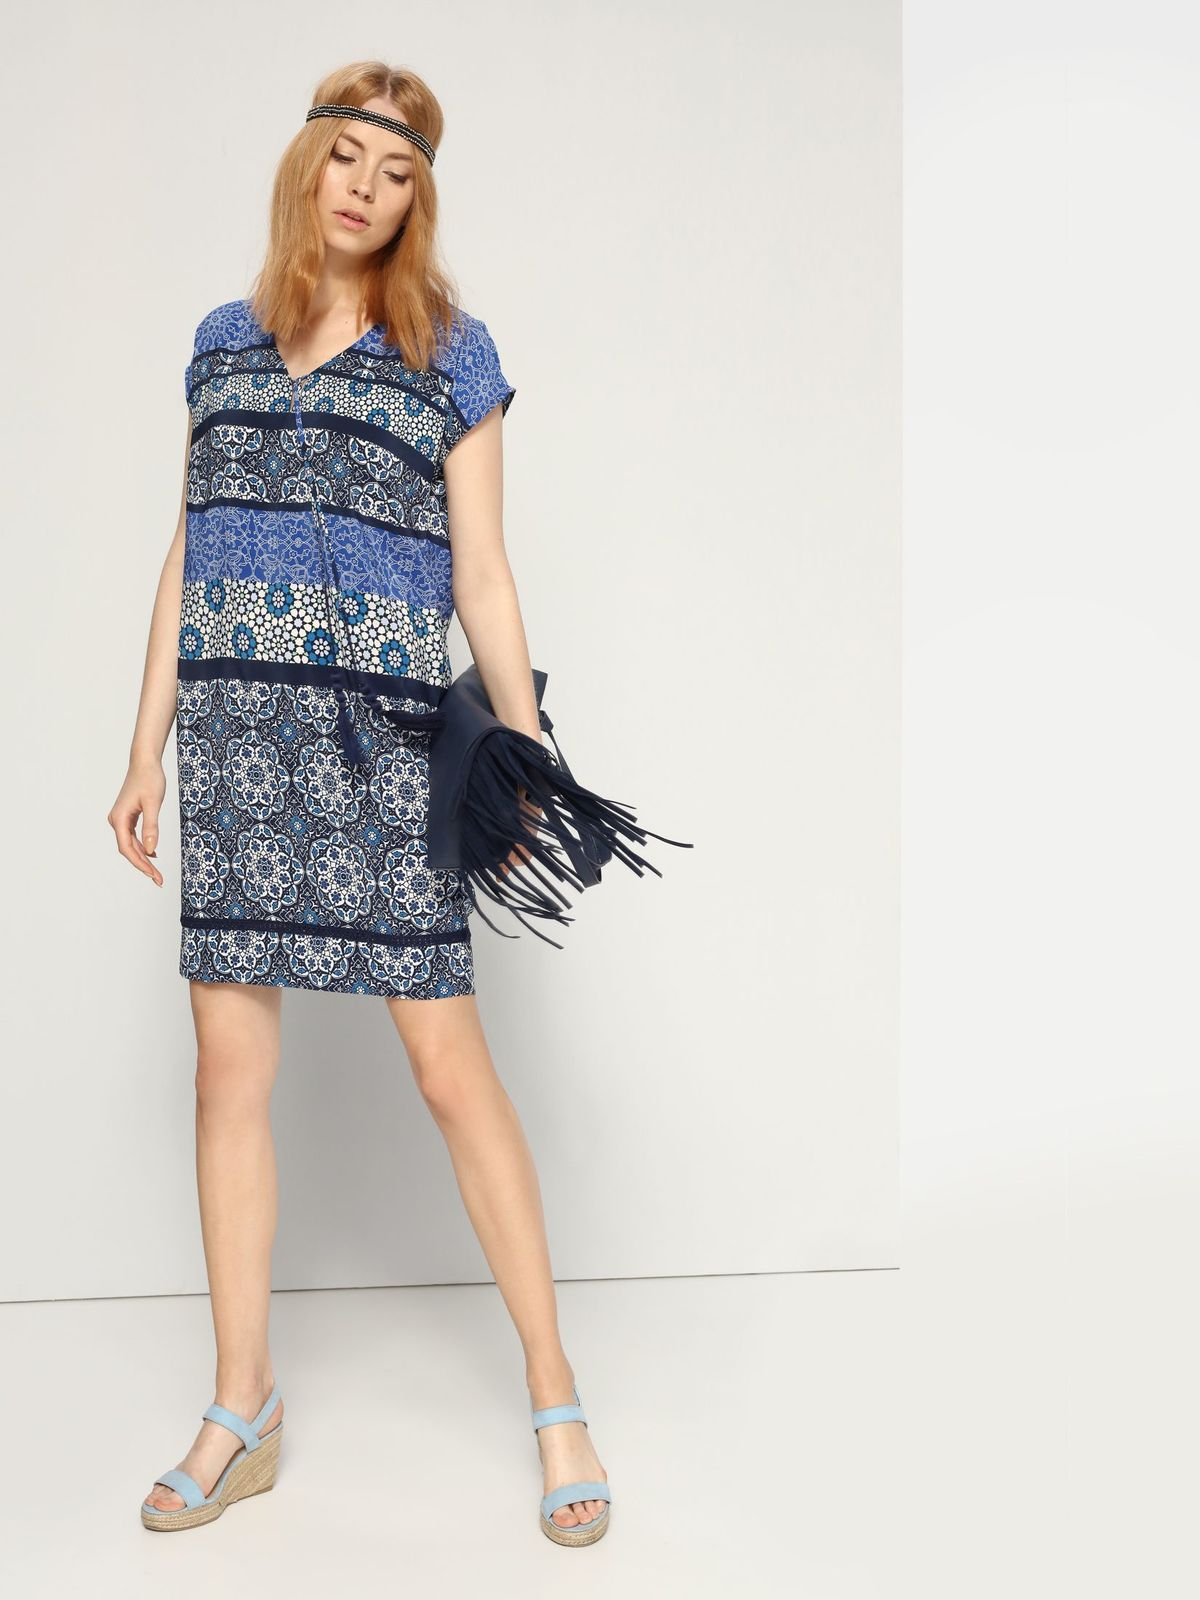 Платье Top Secret, цвет: темно-синий, мультиколор. SSU1573GR. Размер 38 (44)SSU1573GRПлатье Top Secret выполнено из 100% полиэстера. Платье-мини с V-образным вырезом горловины и короткими рукавами-кимоно. Модель оформлена оригинальным принтом и дополнено кружевной вставкой по низку и оригинальным бантом с кисточками на груди.